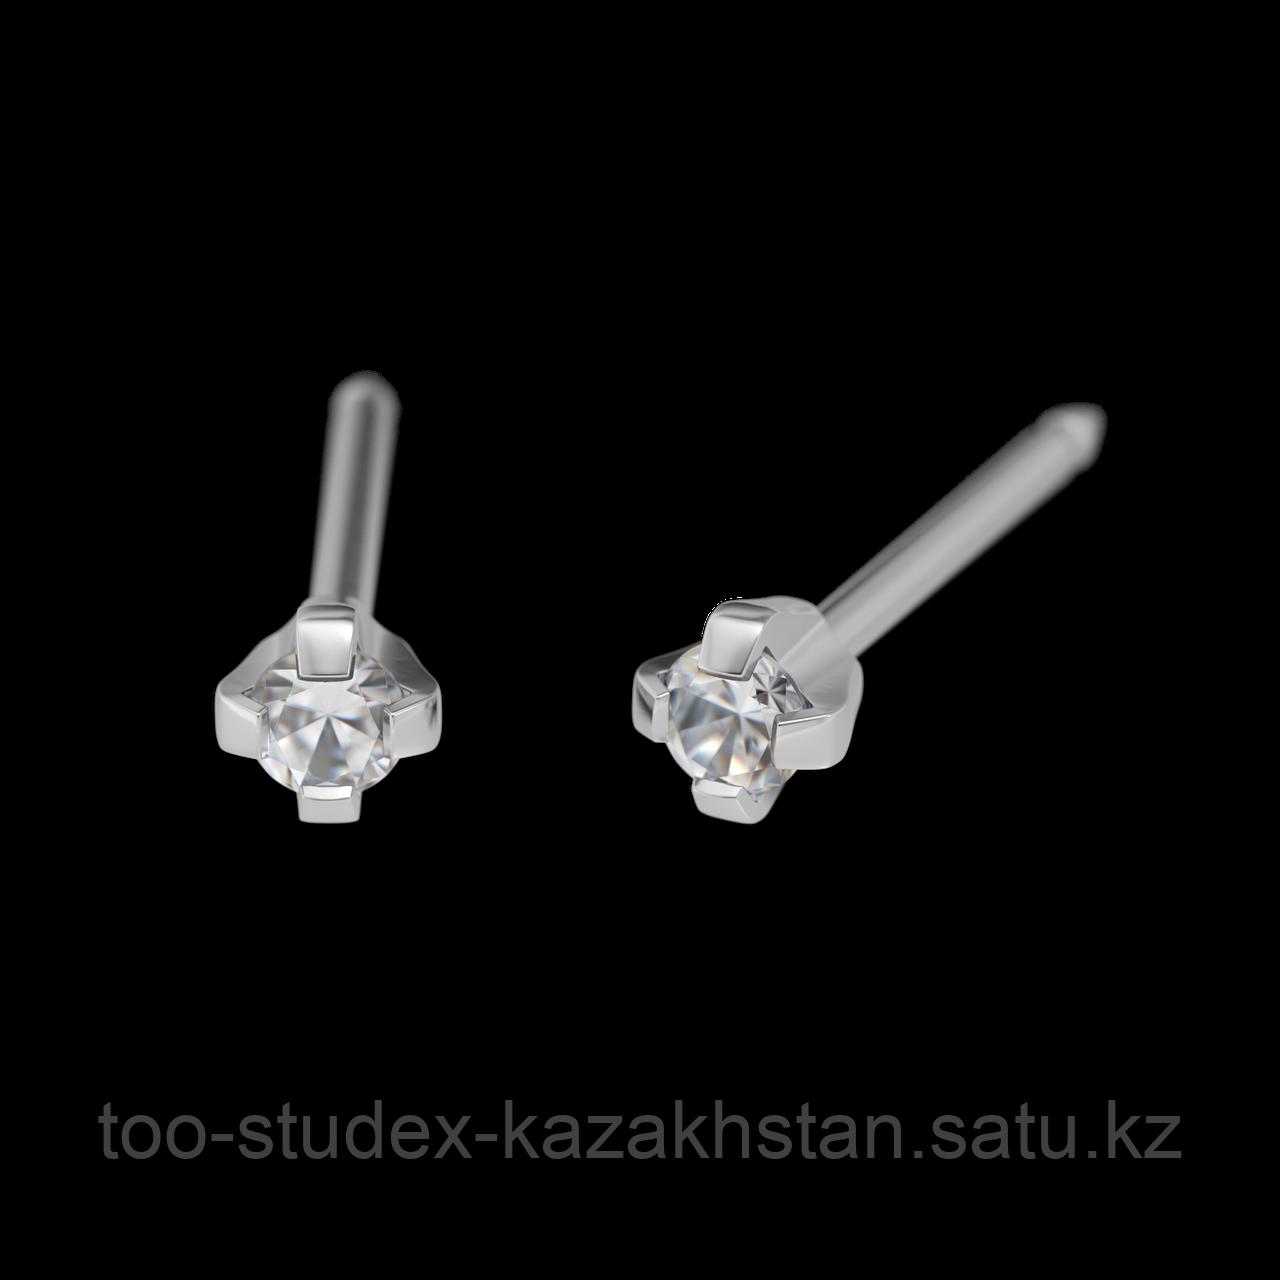 7532-0100 Серьги-иглы System75™ с кубиком циркония 2 мм